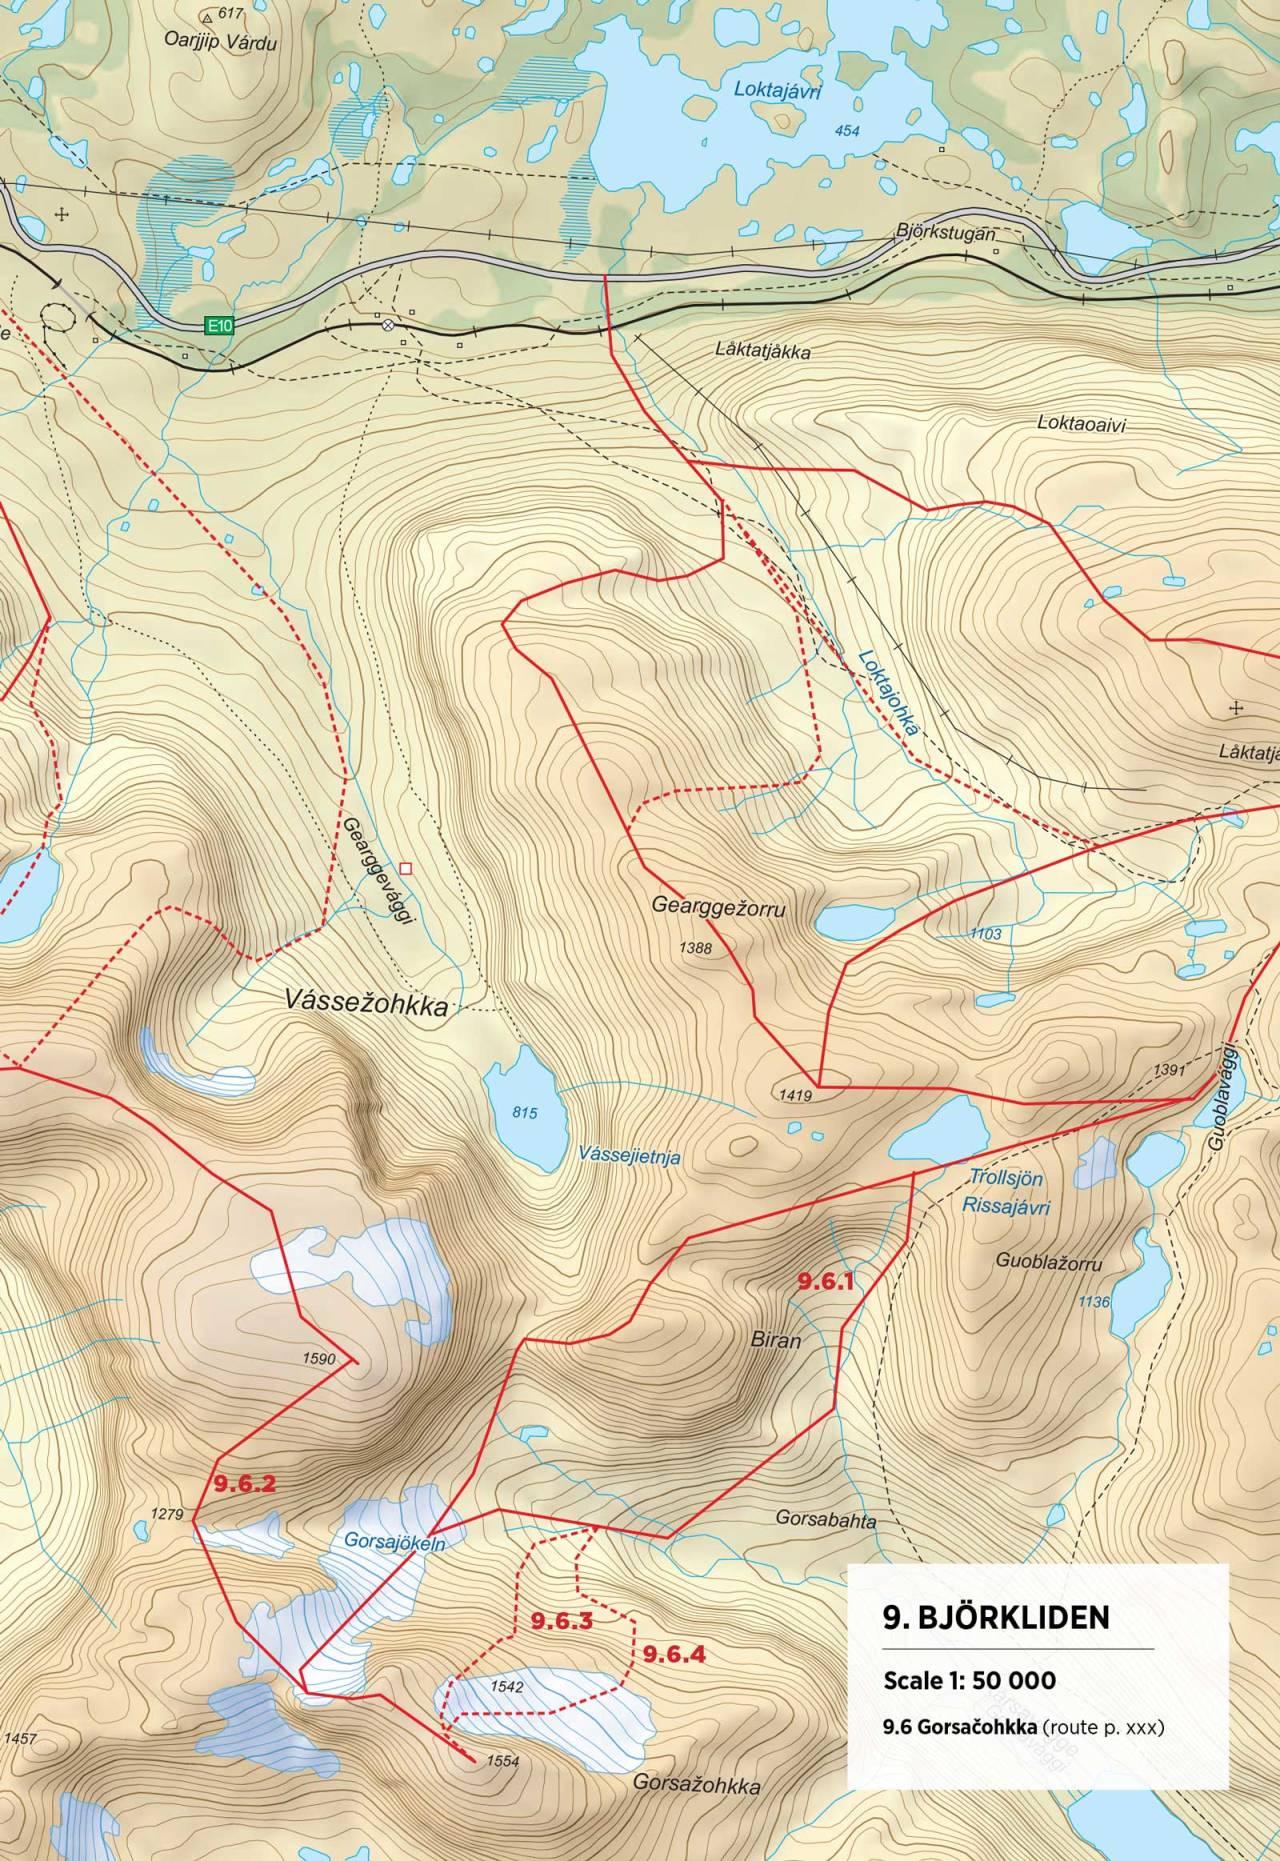 Kart over Gorsačohkka med inntegnet rute. Fra Toppturer rundt Narvik.